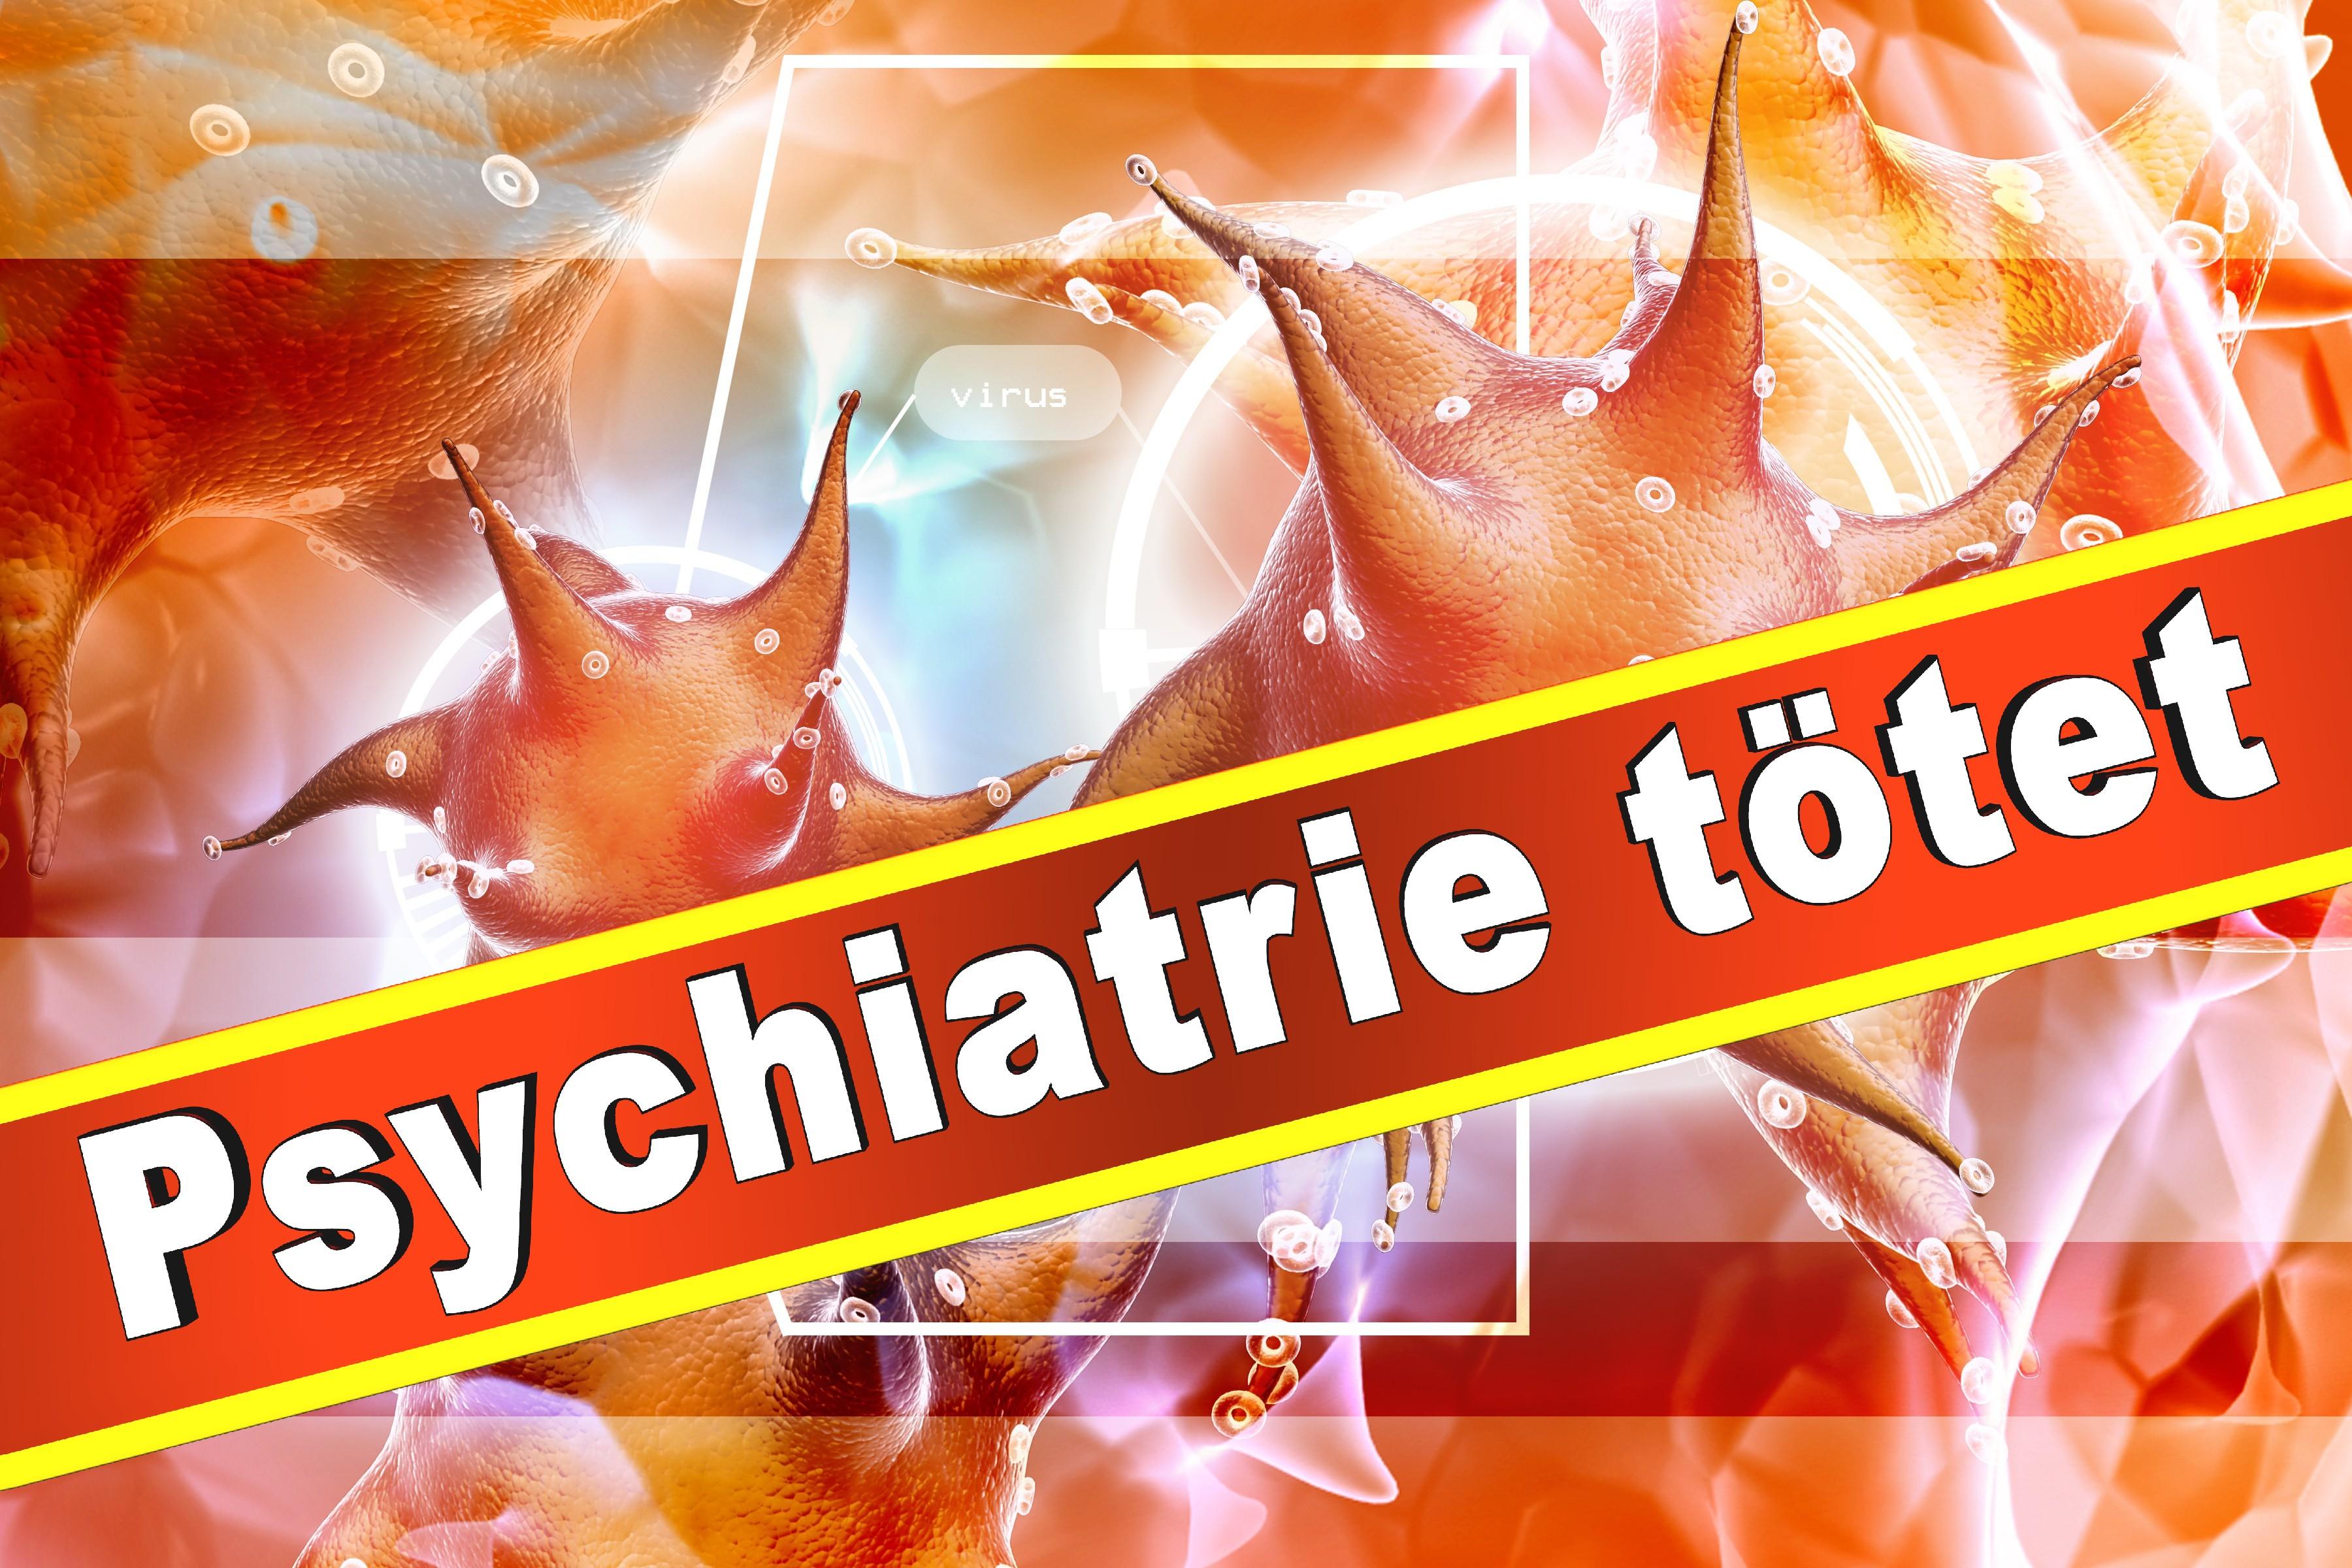 Wielant Machleidt Psychiater Psychotherapeut Professor Praxis Der Interkulturellen Psychiatrie Und Psychotherapie (19)